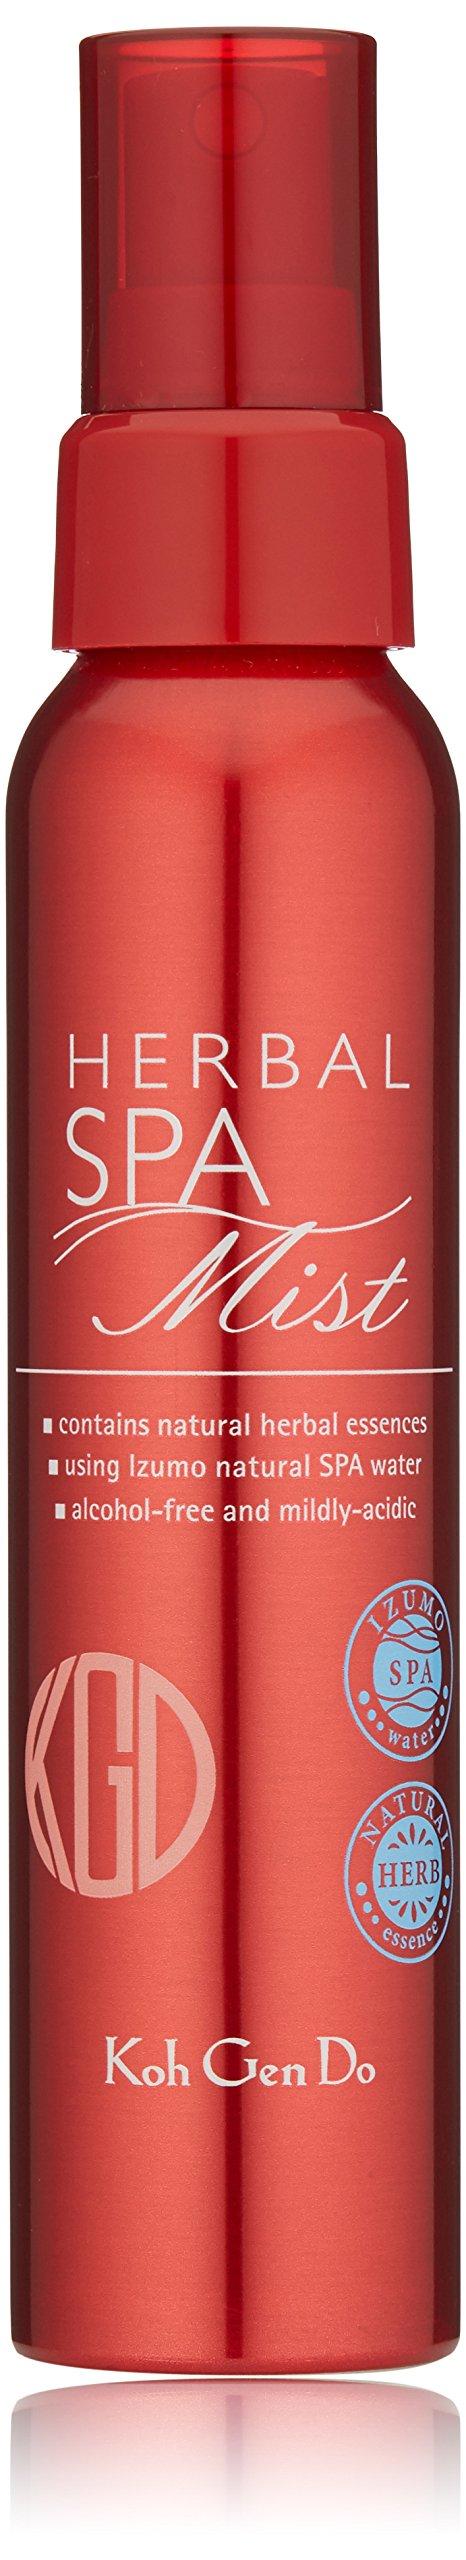 Koh Gen Do Spa Water Herbal Mist, Unscented, 3.38 fl. oz.